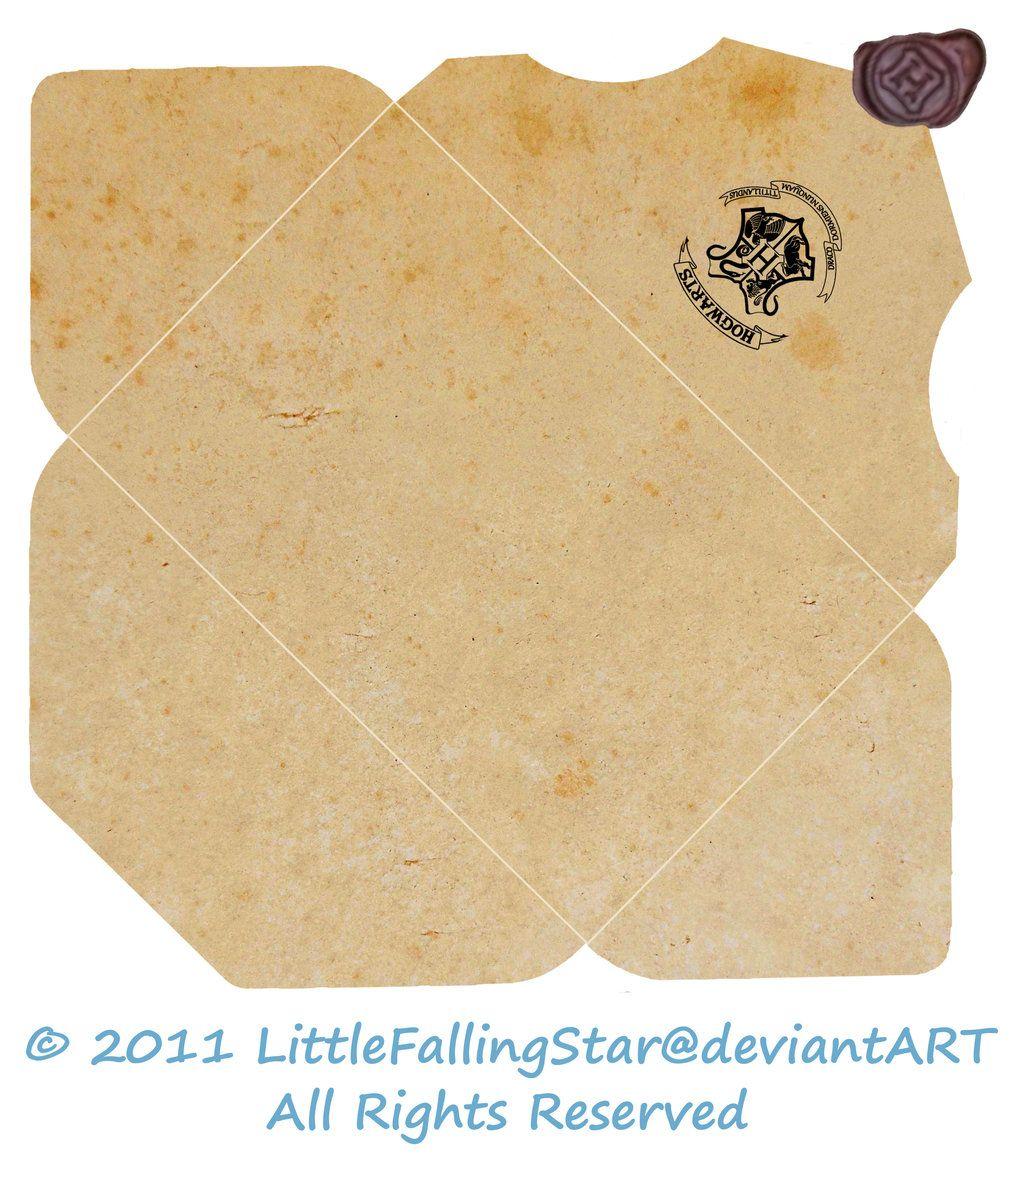 Hogwarts Envelope by LittleFallingStar Carta de harry